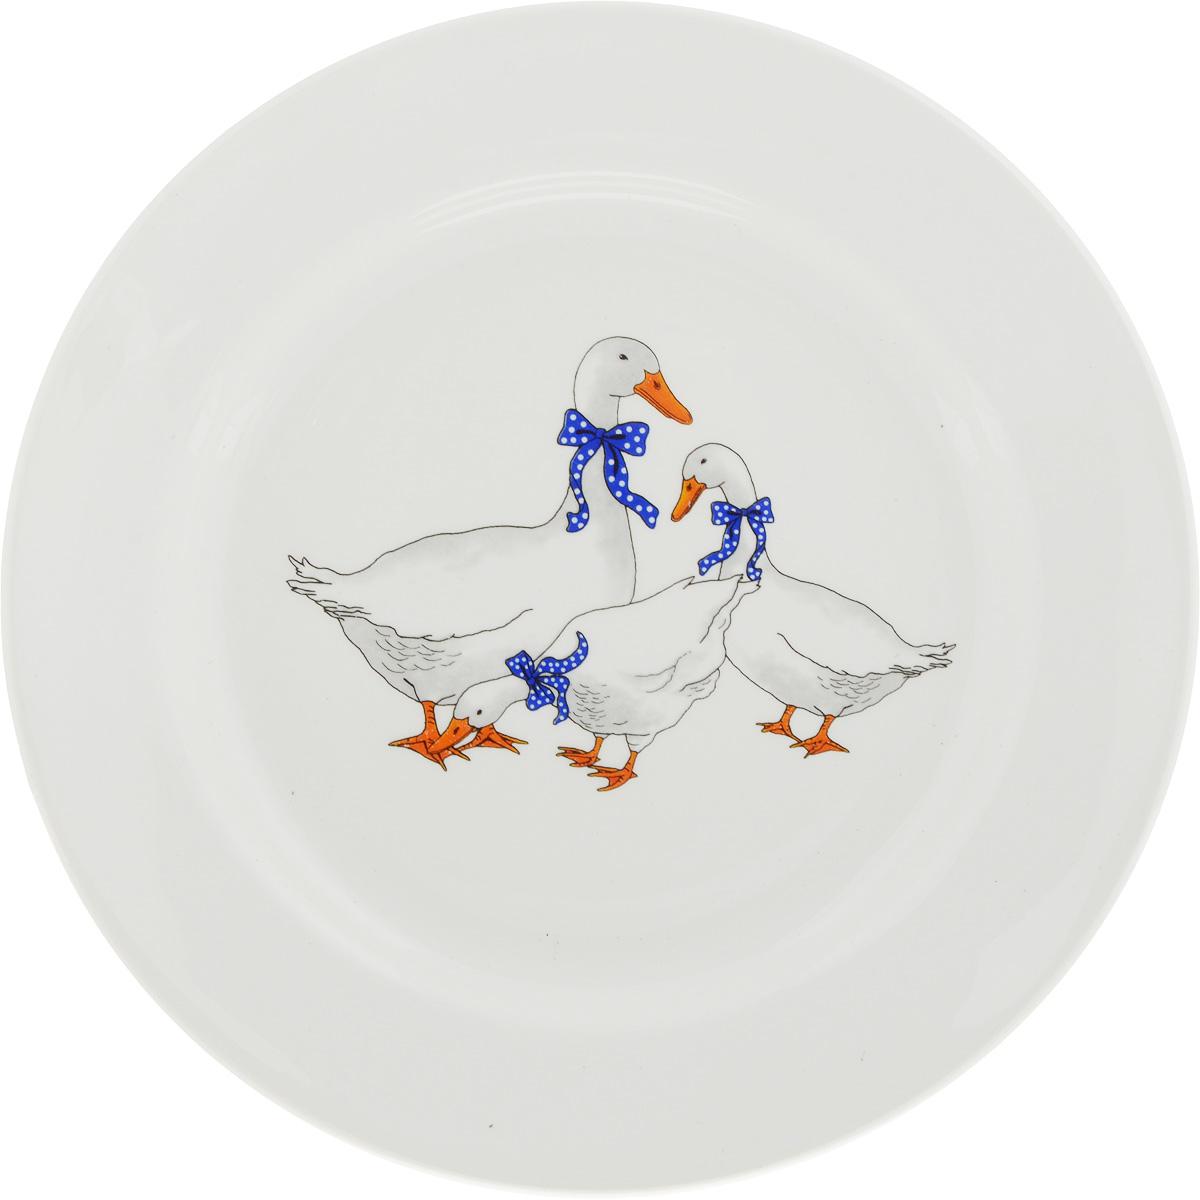 Тарелка Кубаньфарфор Гуси, диаметр 20 см073452Тарелка Кубаньфарфор Гуси, изготовленная из фаянса с глазурованным покрытием, декорирована красочным рисунком. Такая тарелка украсит сервировку вашего стола и подчеркнет прекрасный вкус хозяина, а также станет отличным подарком.